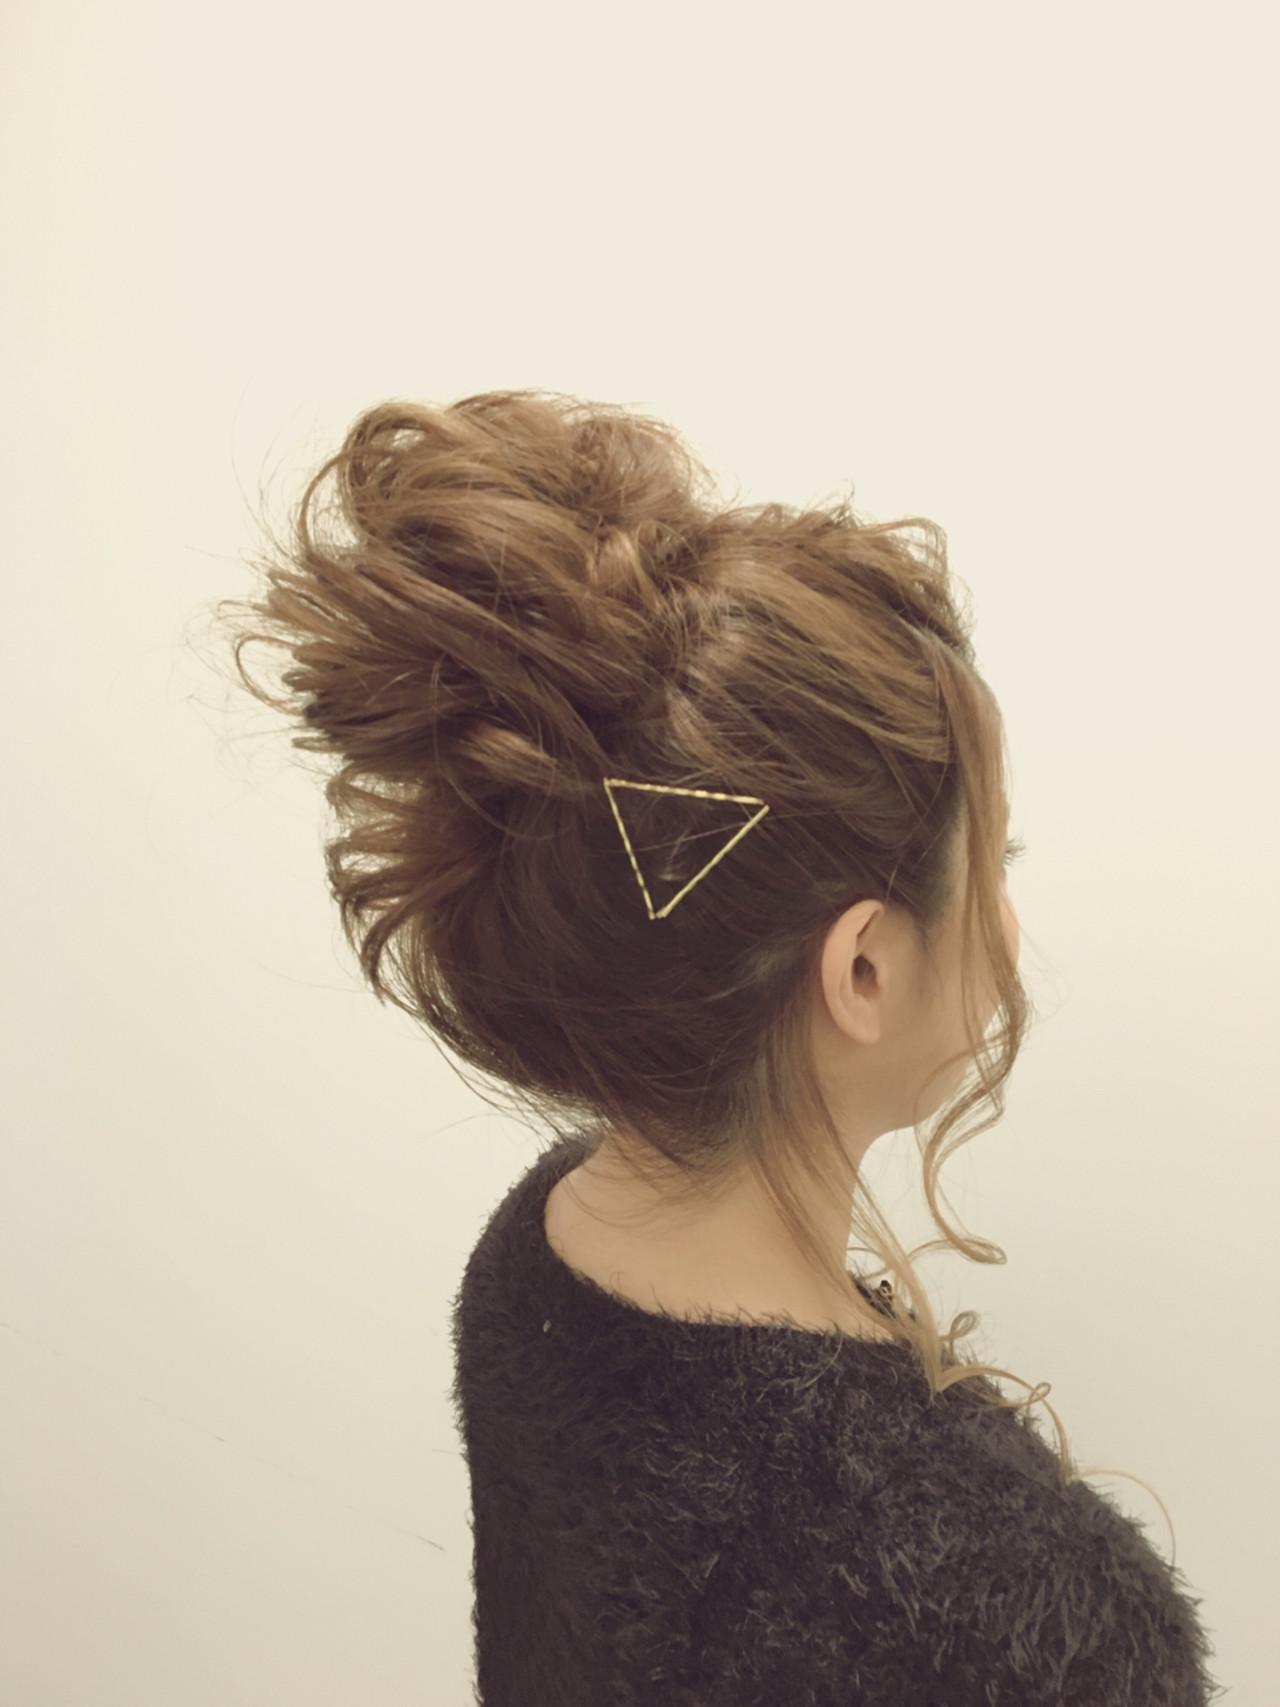 簡単ヘアアレンジ ヘアアレンジ メッシーバン 大人女子 ヘアスタイルや髪型の写真・画像